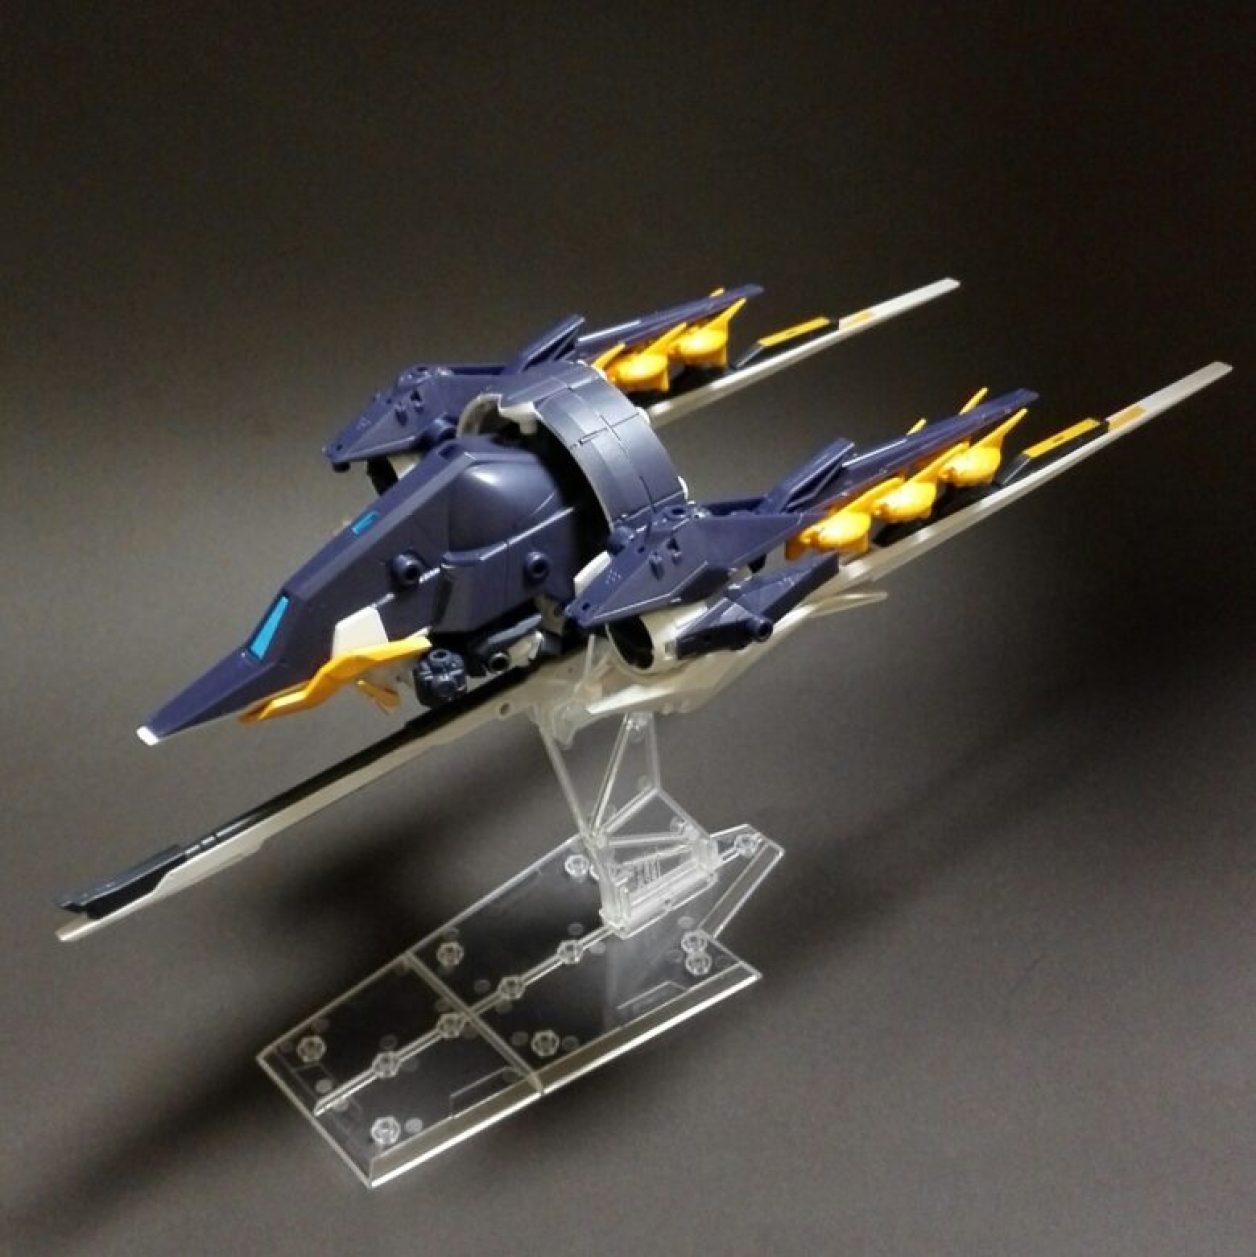 MOBILE SUIT ENSEMBLE(モビルスーツアンサンブル) EX09弾のTR-6 インレのレビューより「ガンダム TR-6[ファイバーII](MA)」形態の画像